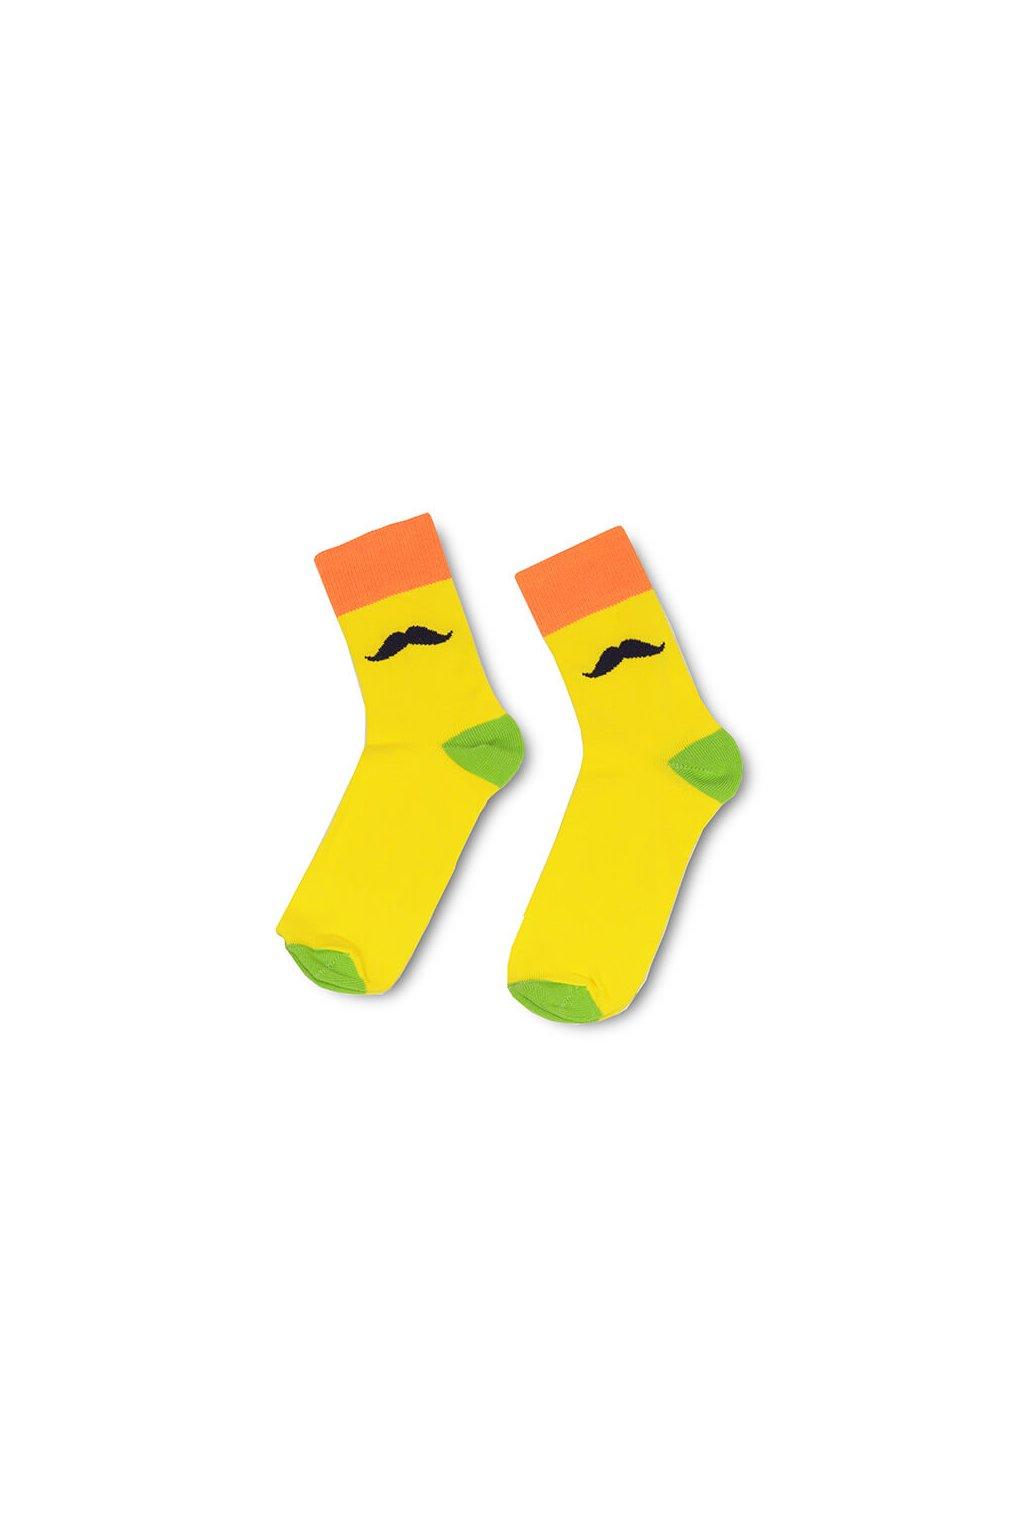 ponožky barevné žlutá zelená oranžová